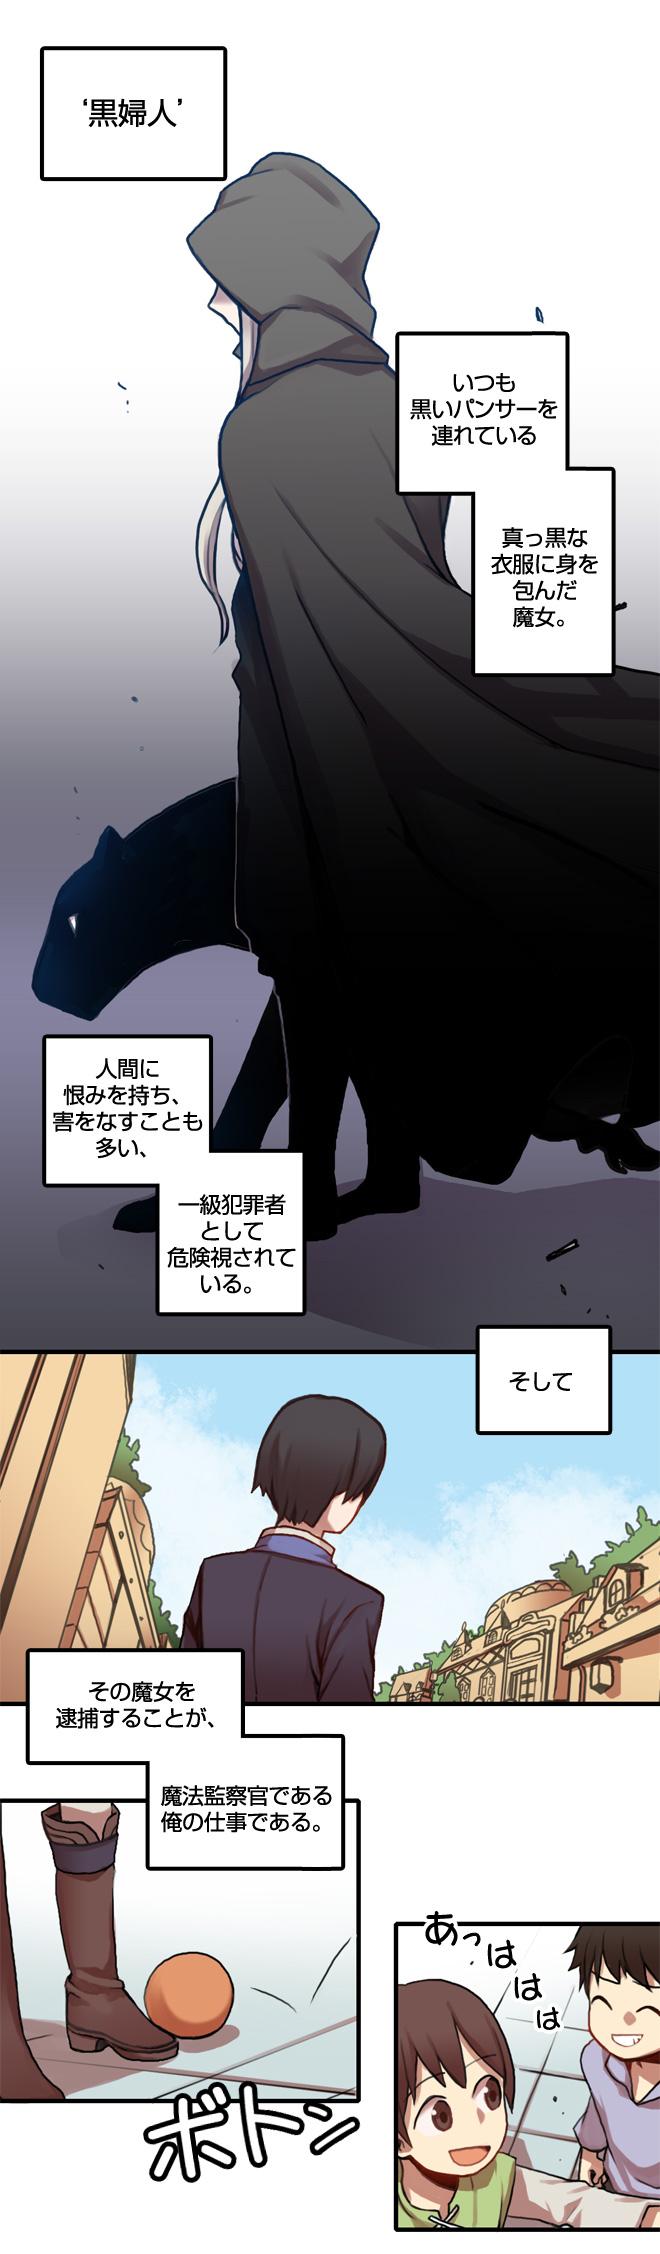 TW_Comic_3_20140827_001.jpg